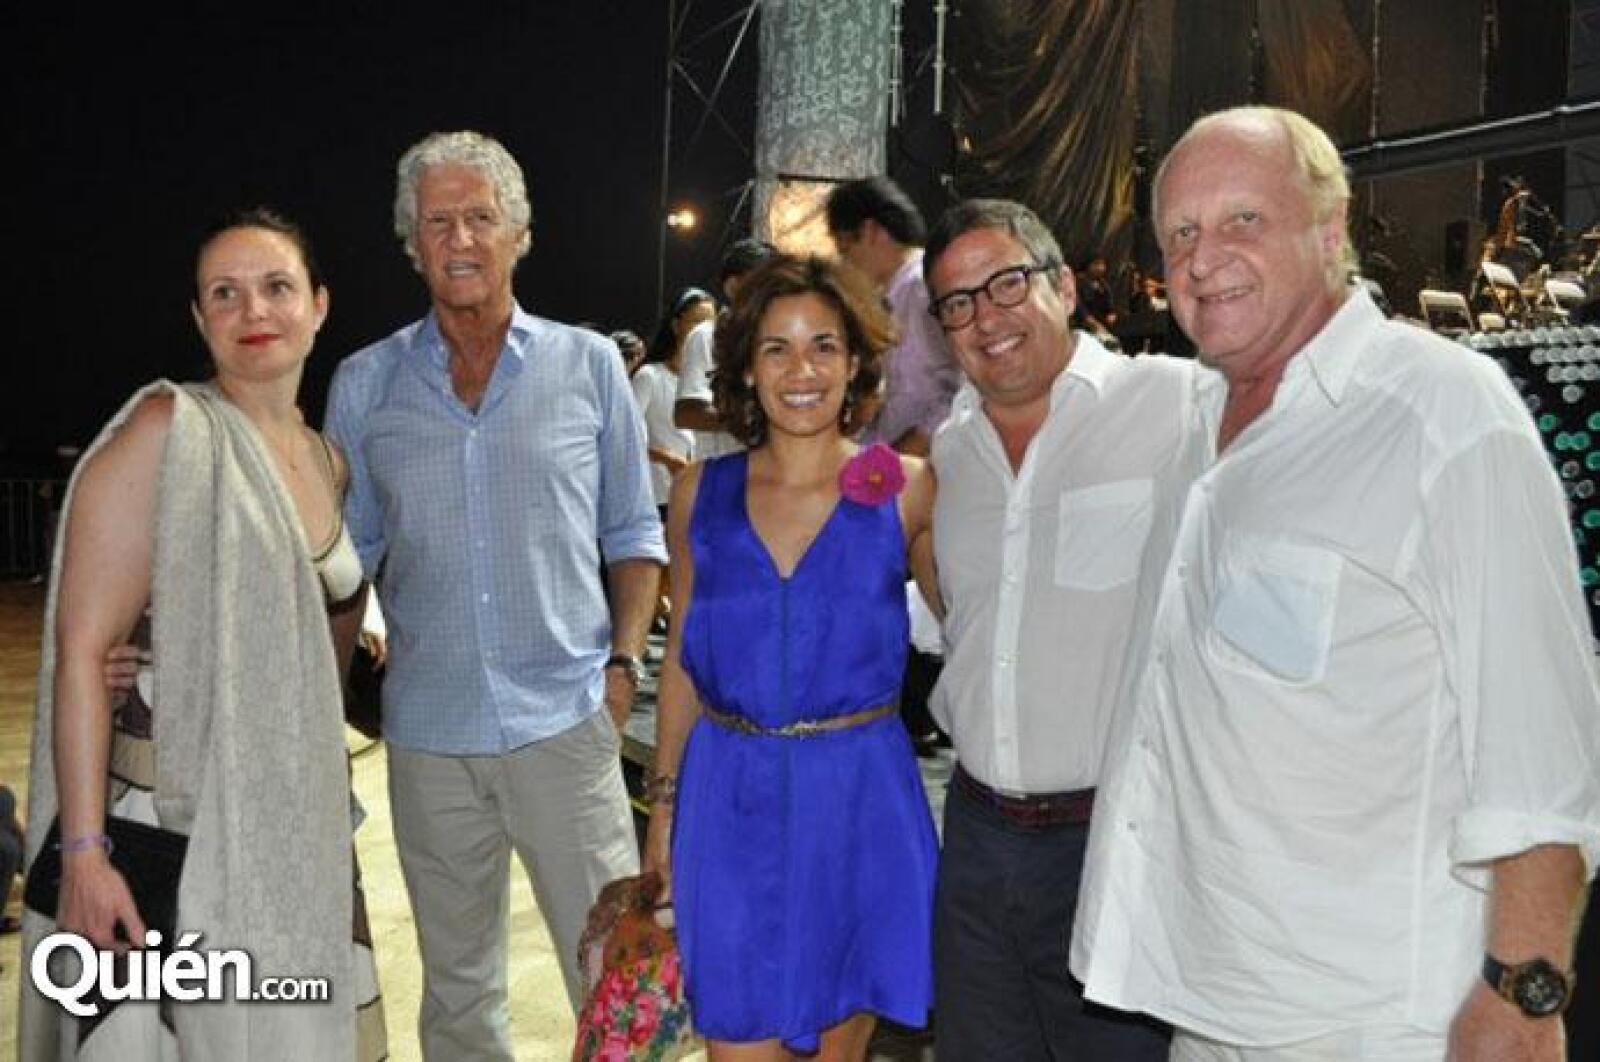 Polo Guillet, Roberto Buerford, Constanza y Joe Slim y Leslie Buerford.